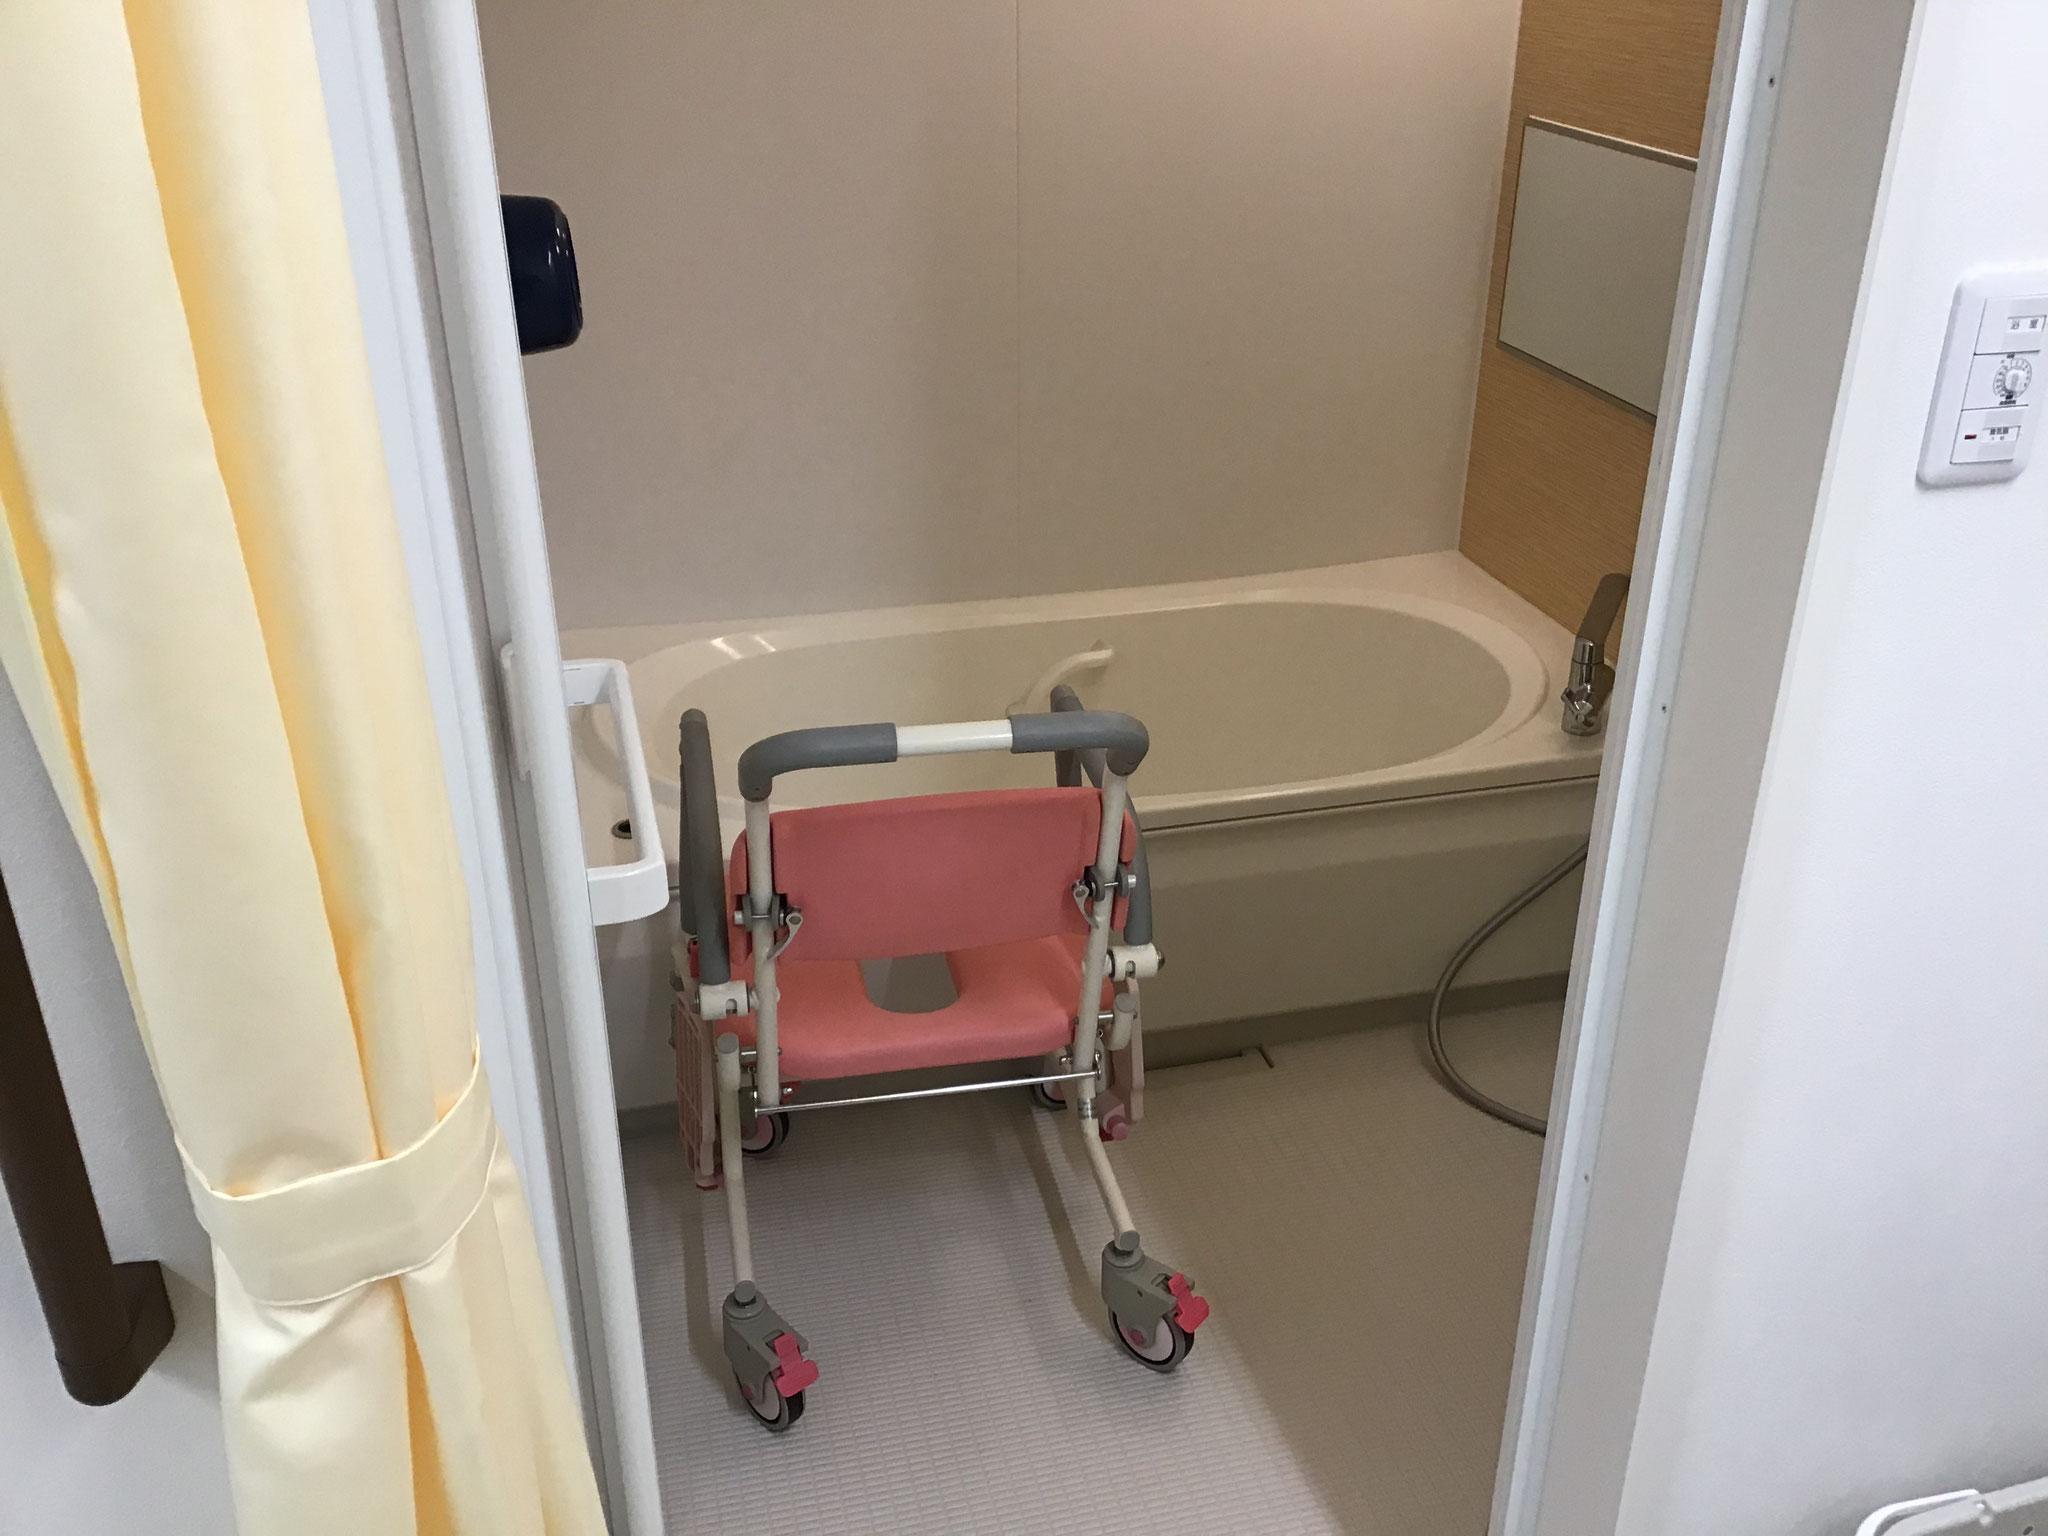 一般浴室 当事業所はお一人お一人入浴可能な個浴タイプです。